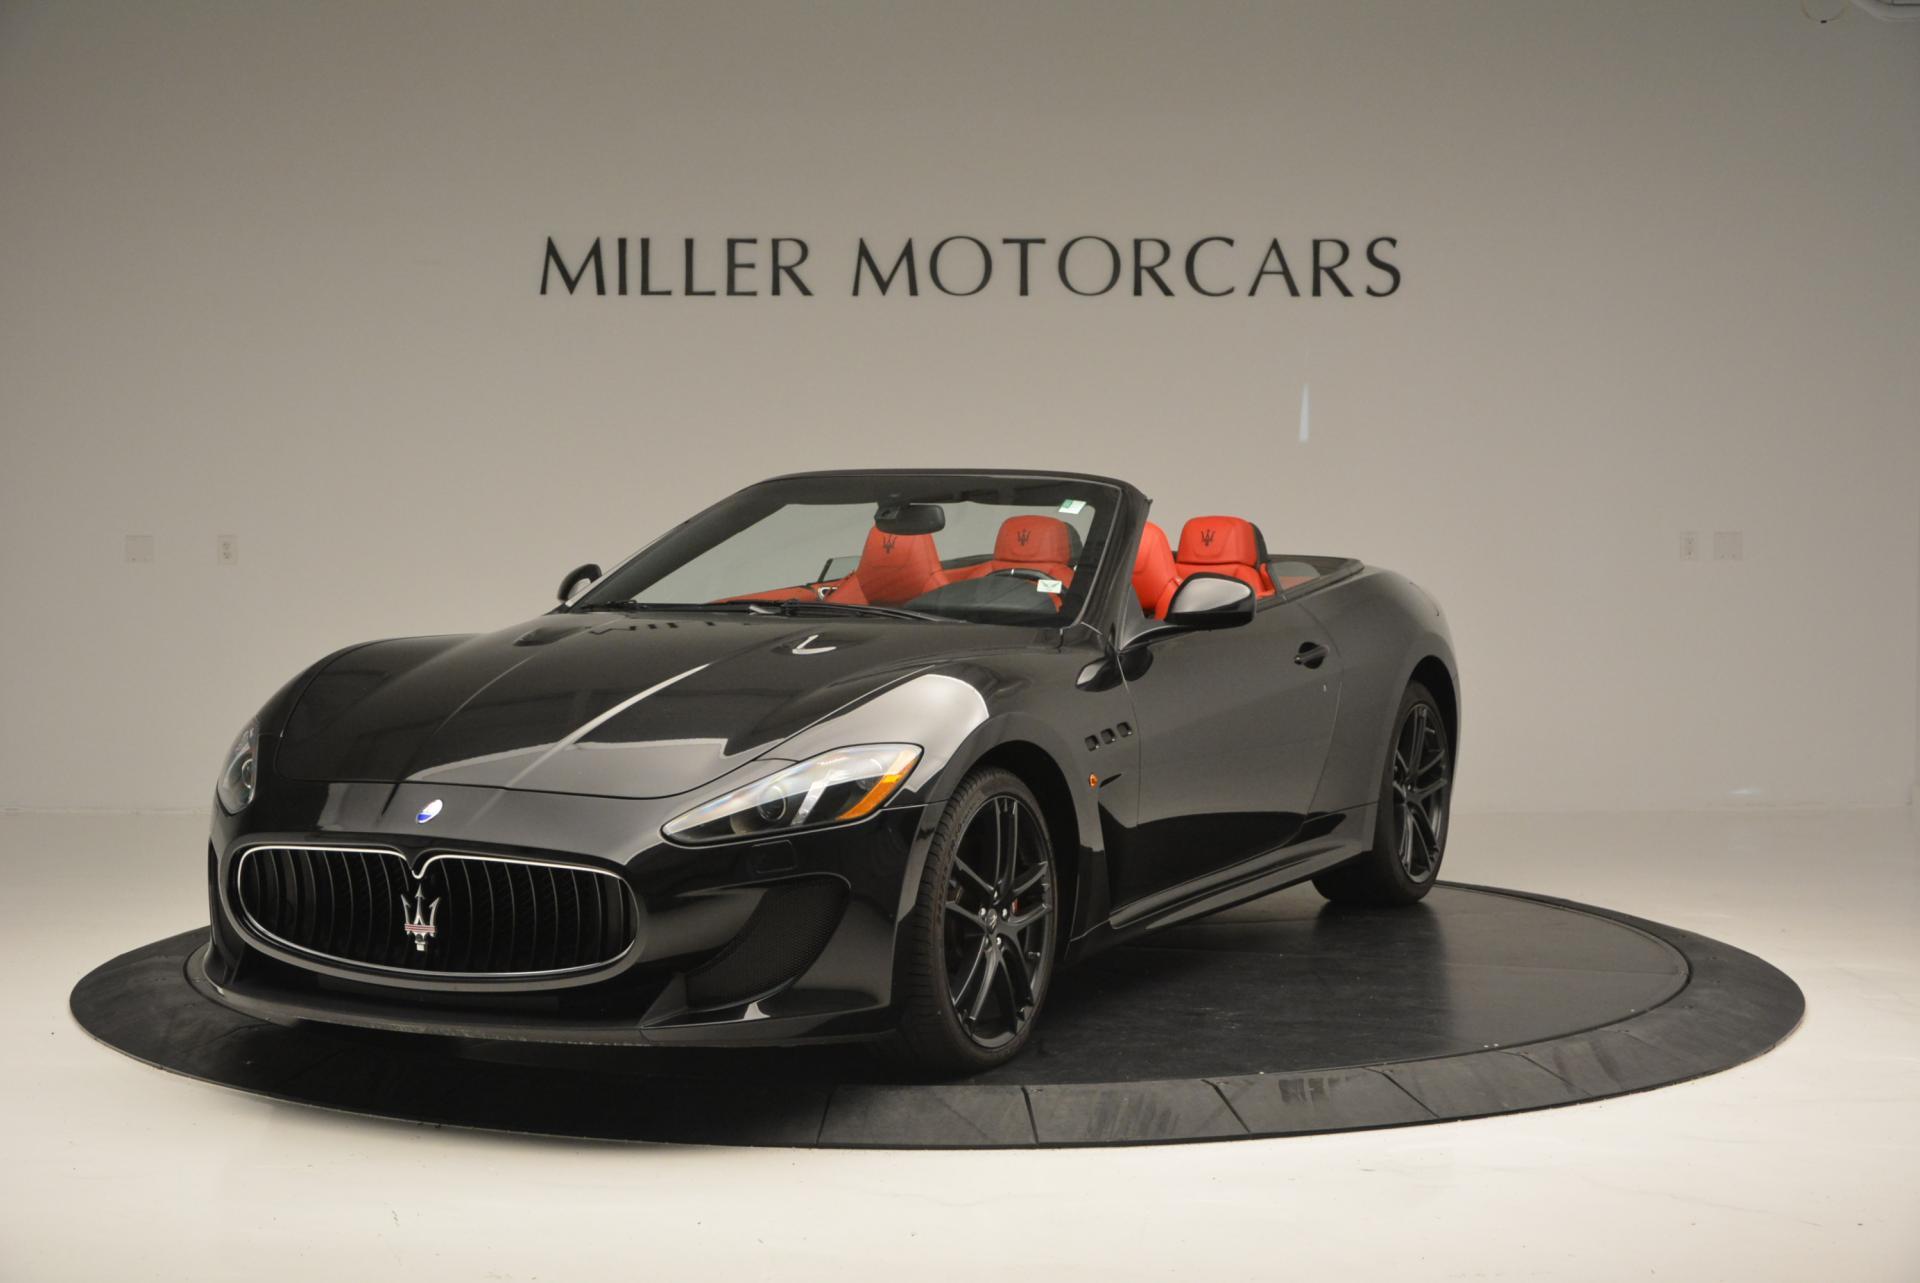 Used 2013 Maserati GranTurismo MC for sale Sold at McLaren Greenwich in Greenwich CT 06830 1